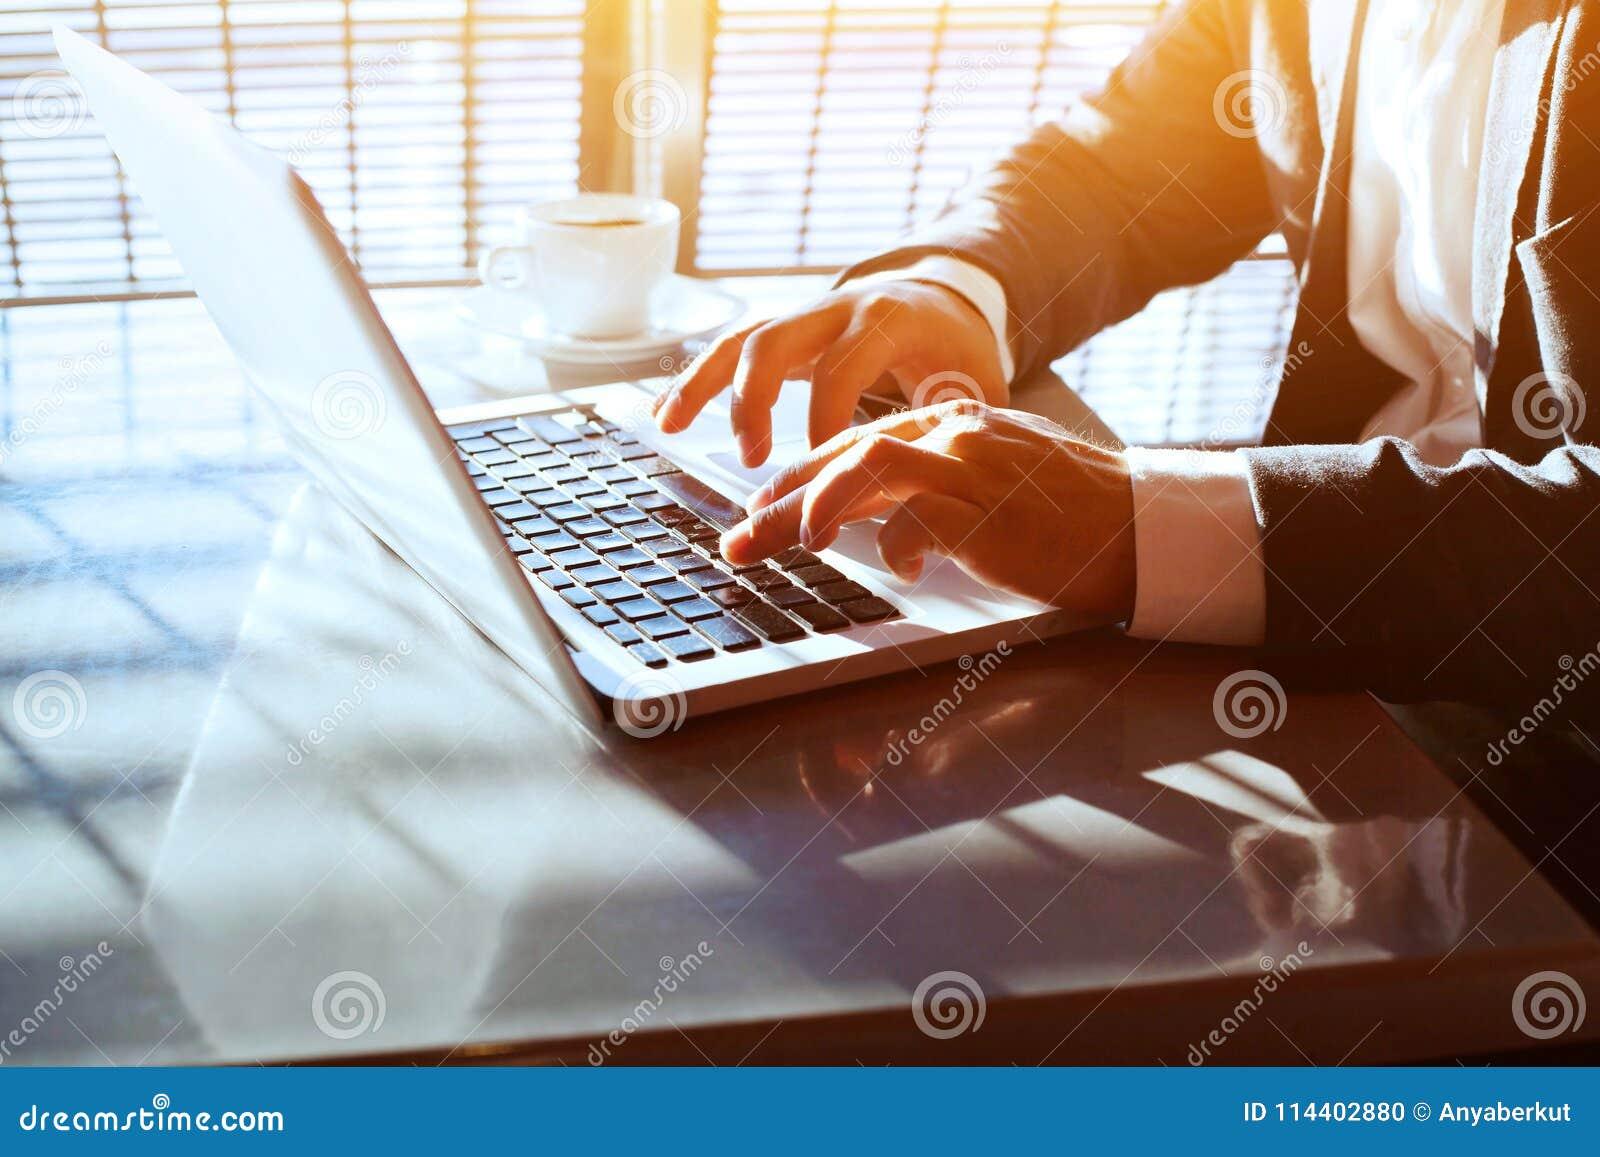 Viagem de negócios, trabalhando no portátil do computador em linha, close up das mãos